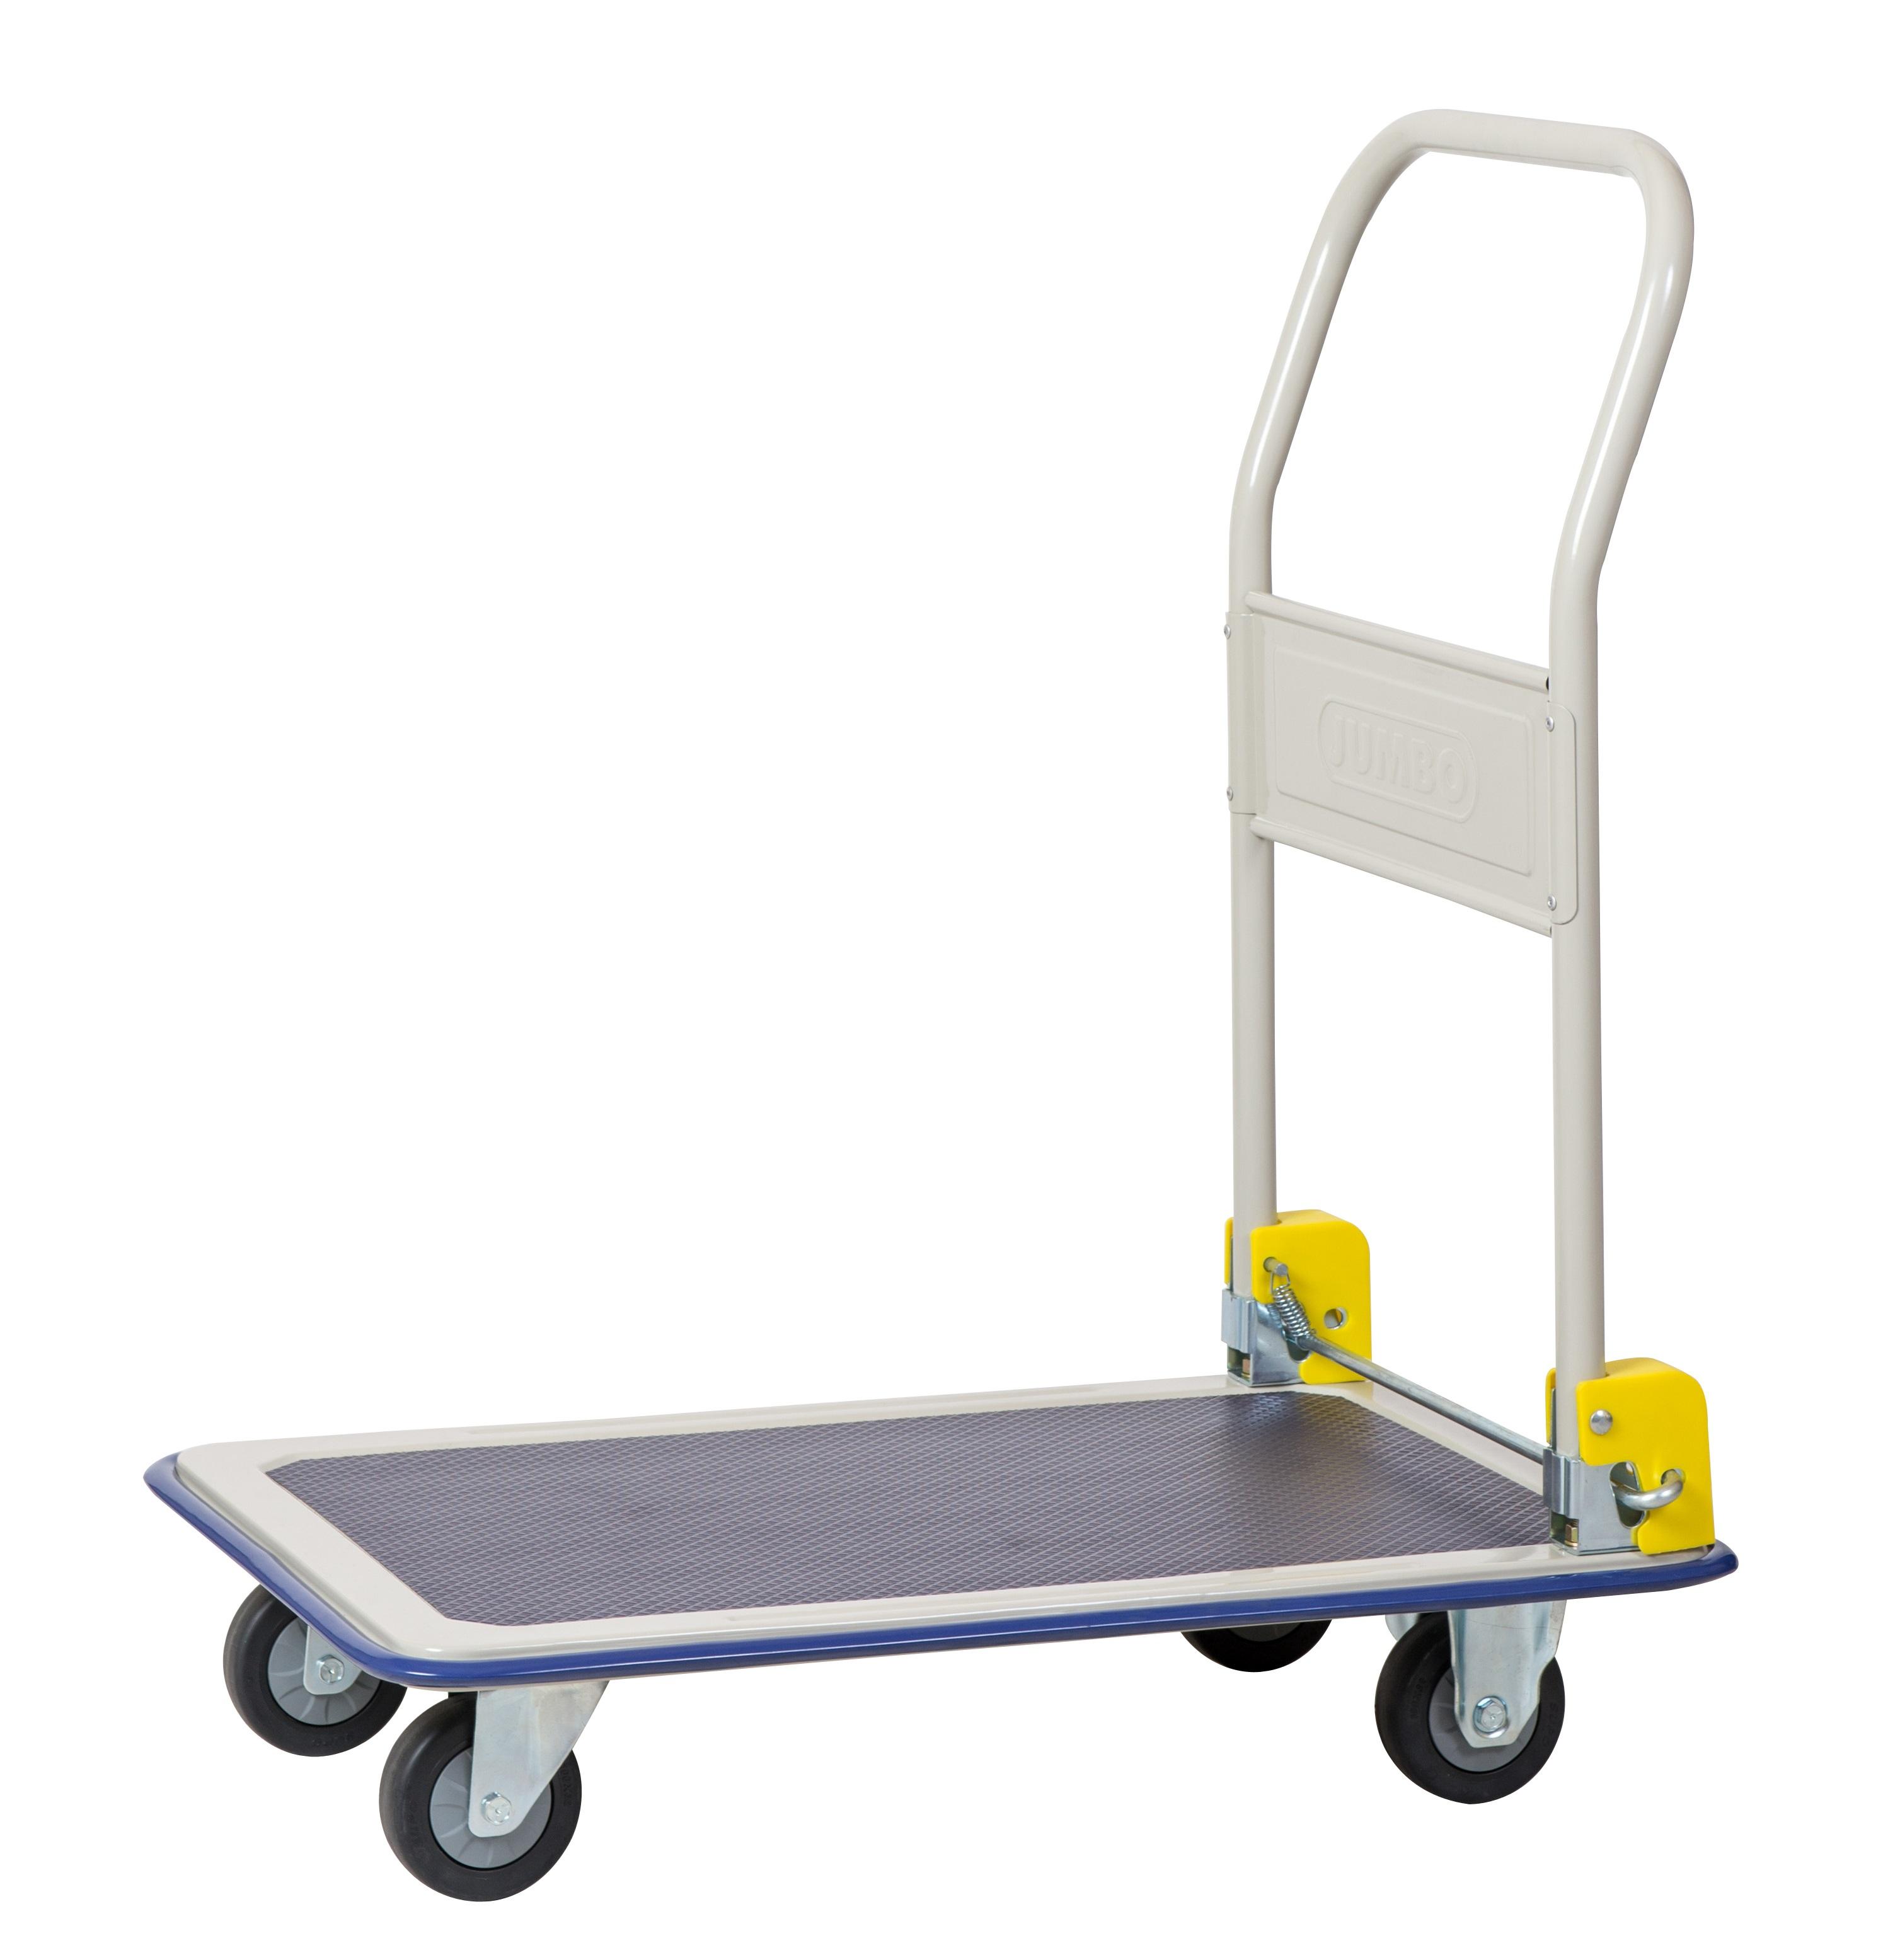 Xe kéo đẩy siêu thị với tải trọng thấp và không nâng được hàng hóa